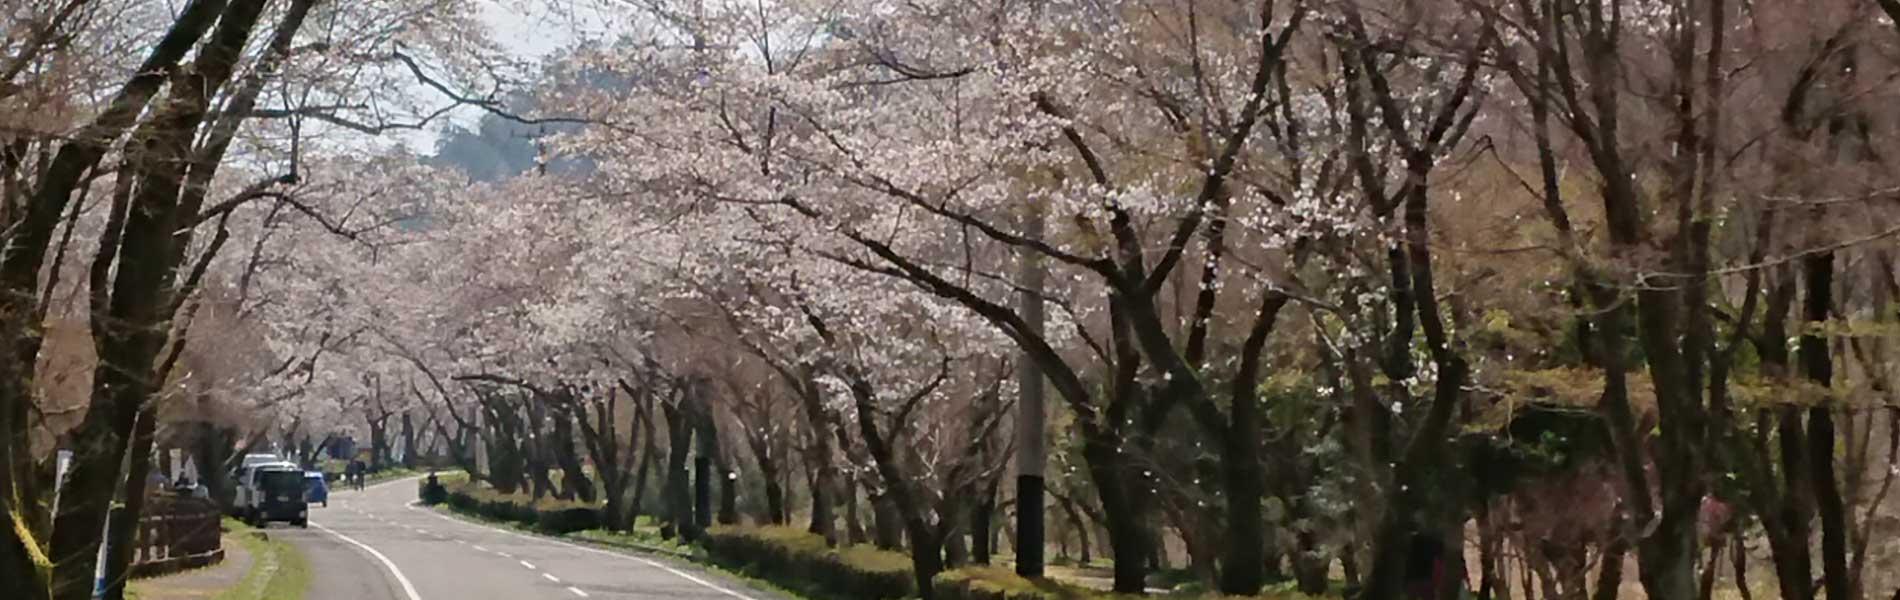 岐阜県のイメージスライド画像 鵜飼